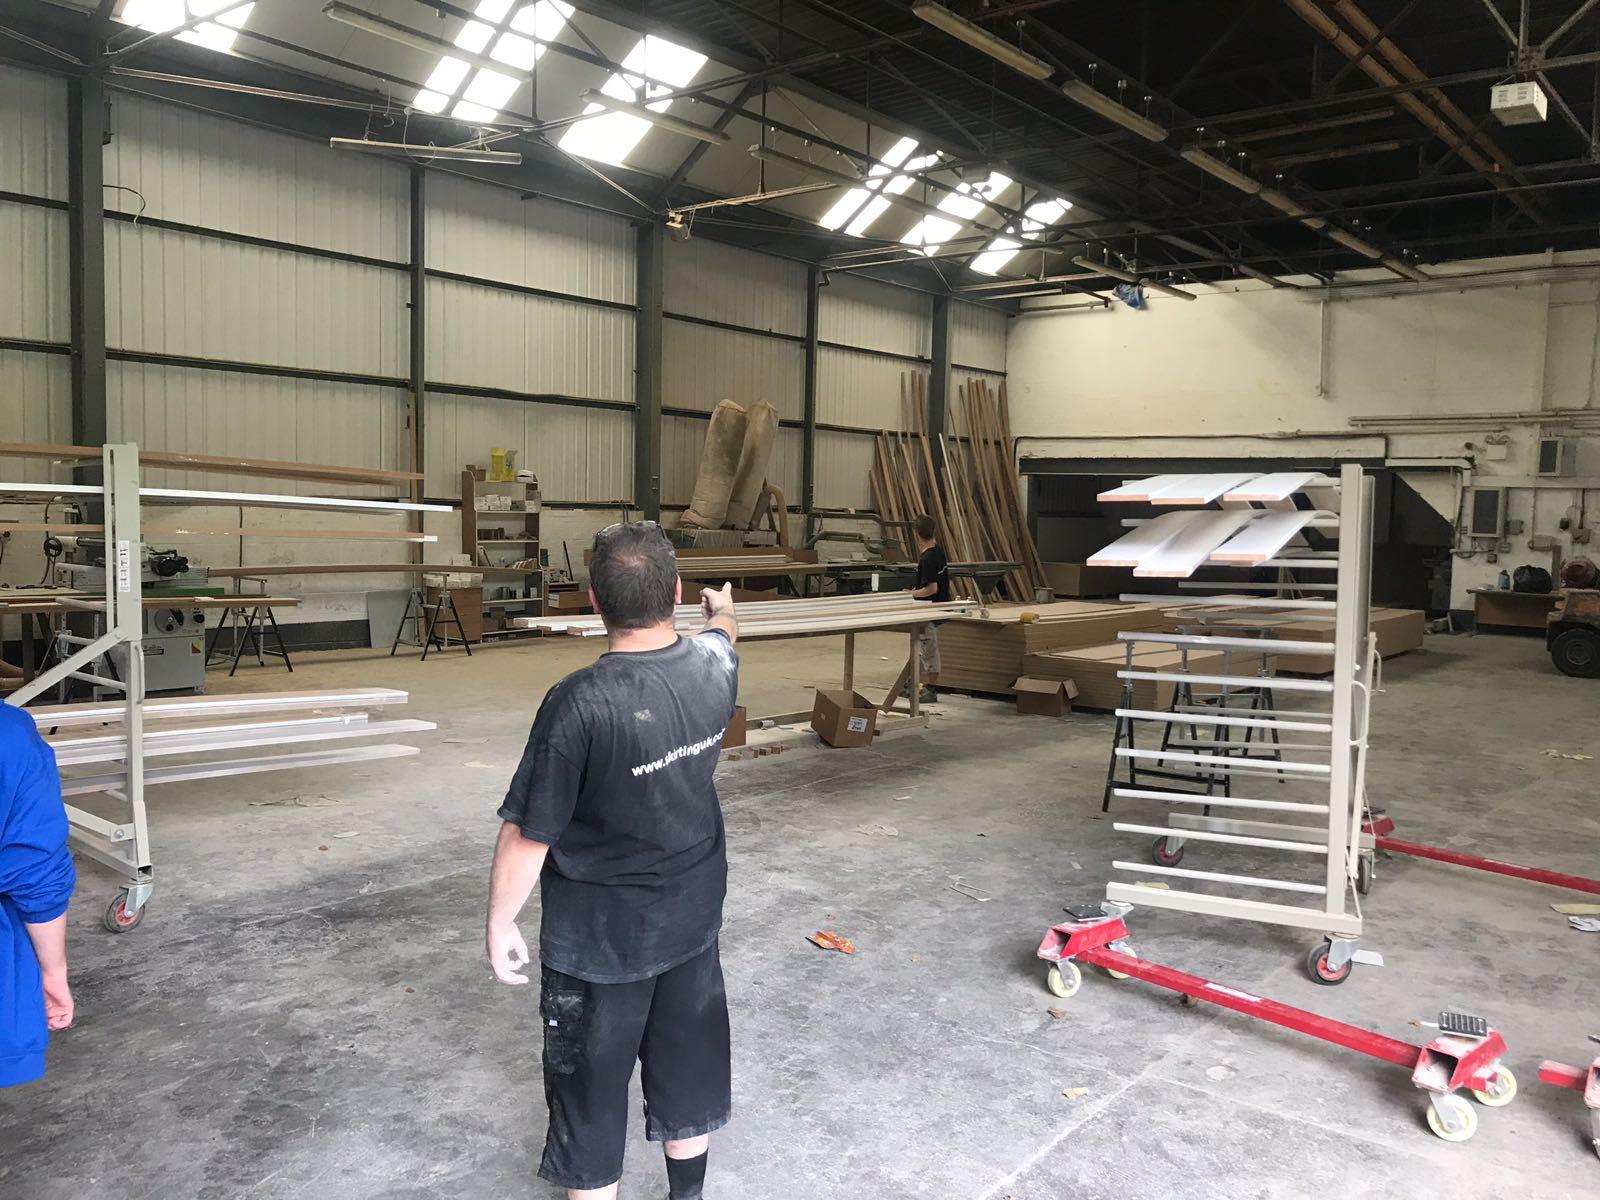 Skirting UK Team member Roy in the warehouse